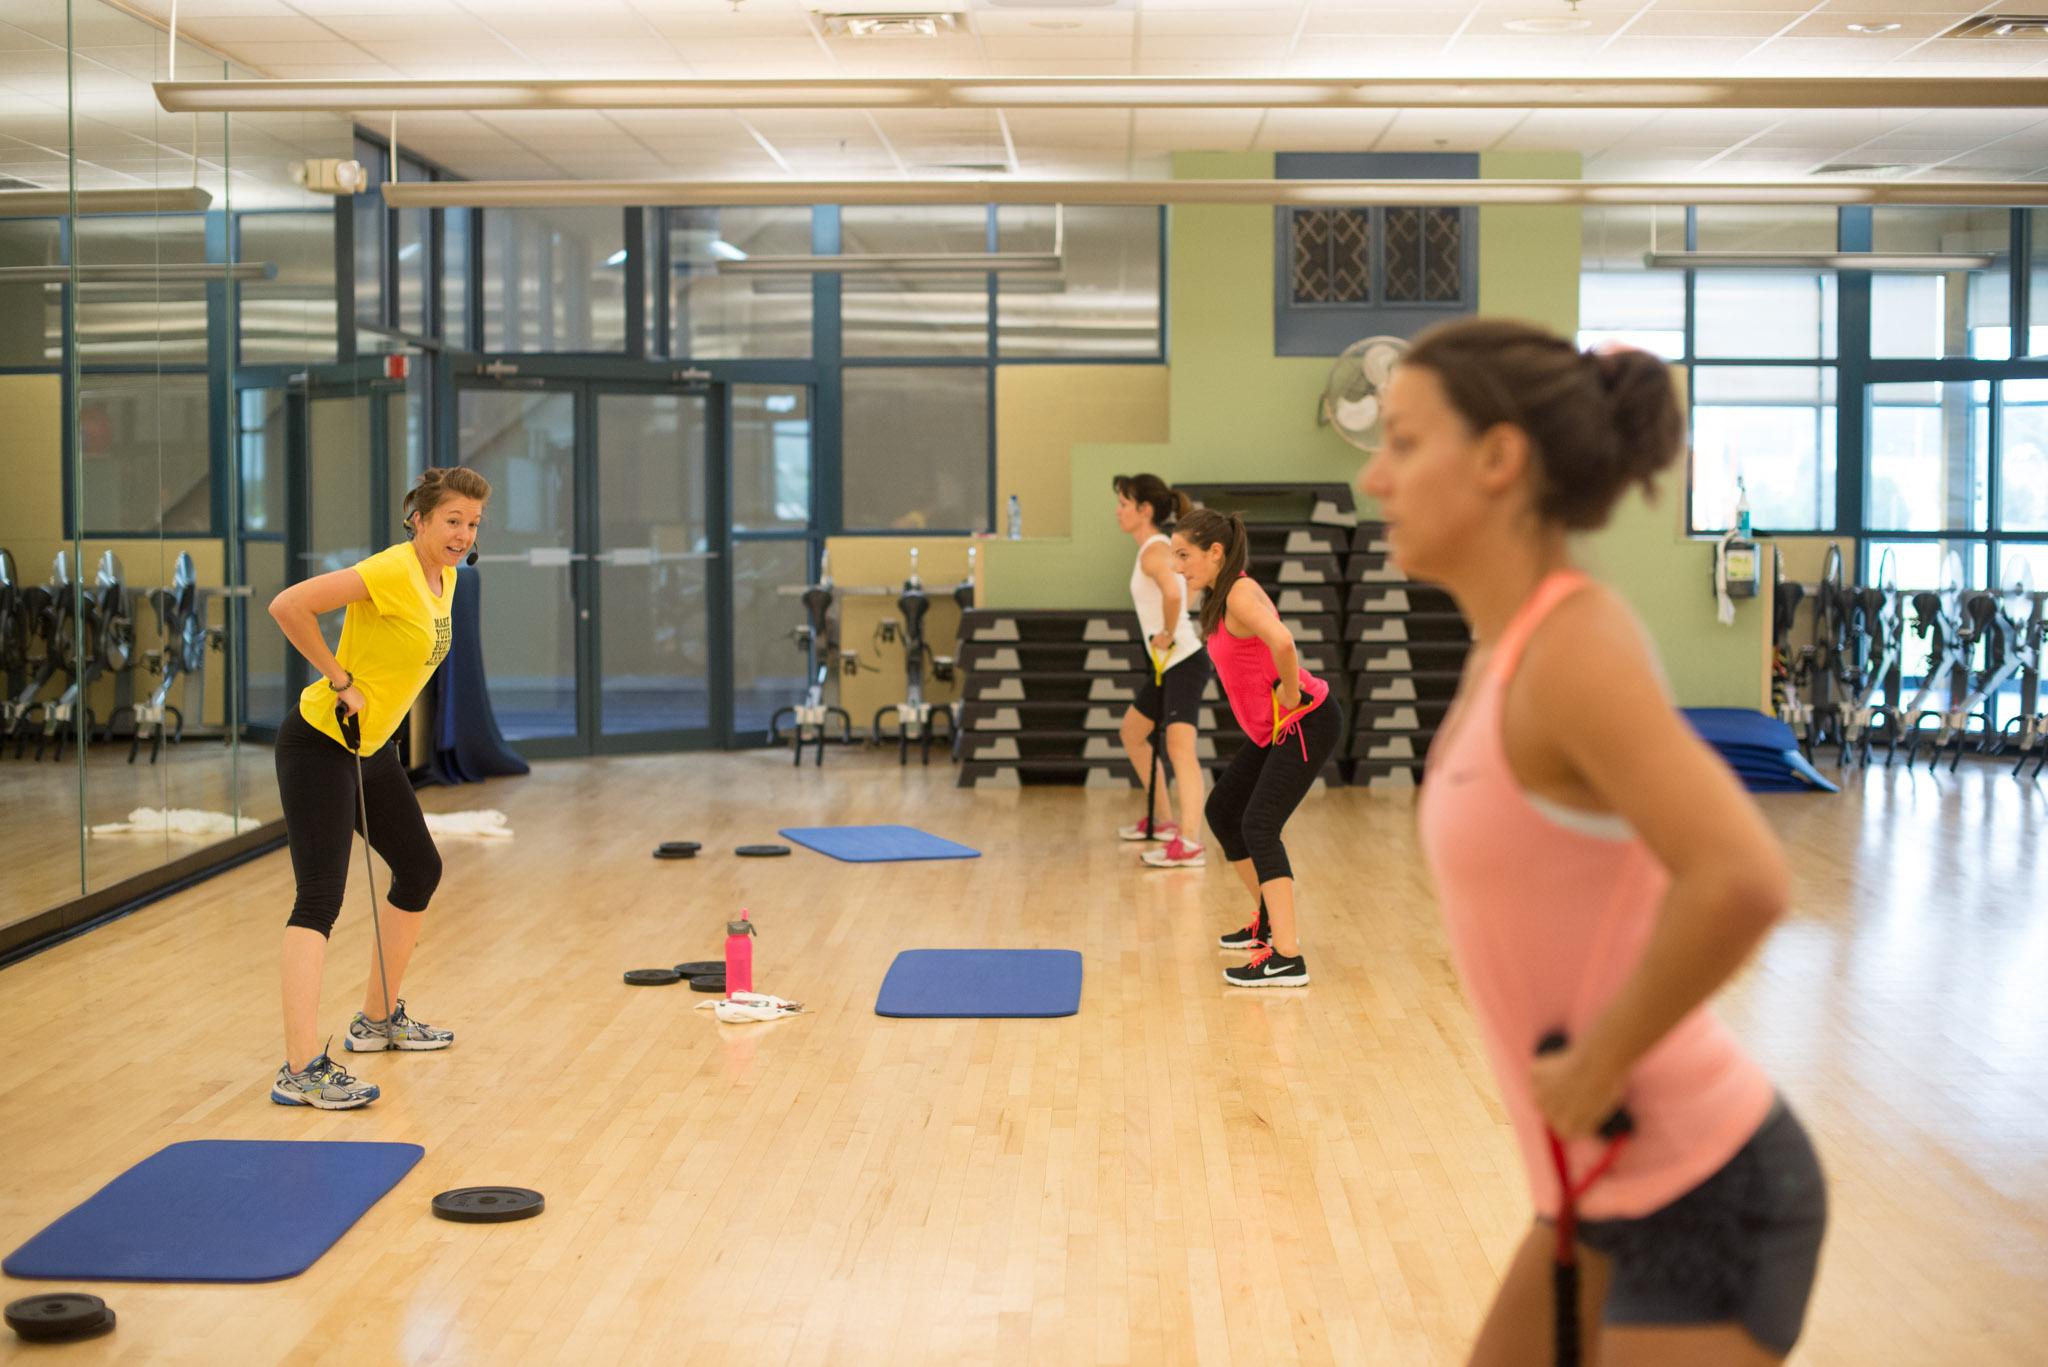 Wellness Center Stock Photos-1140.jpg